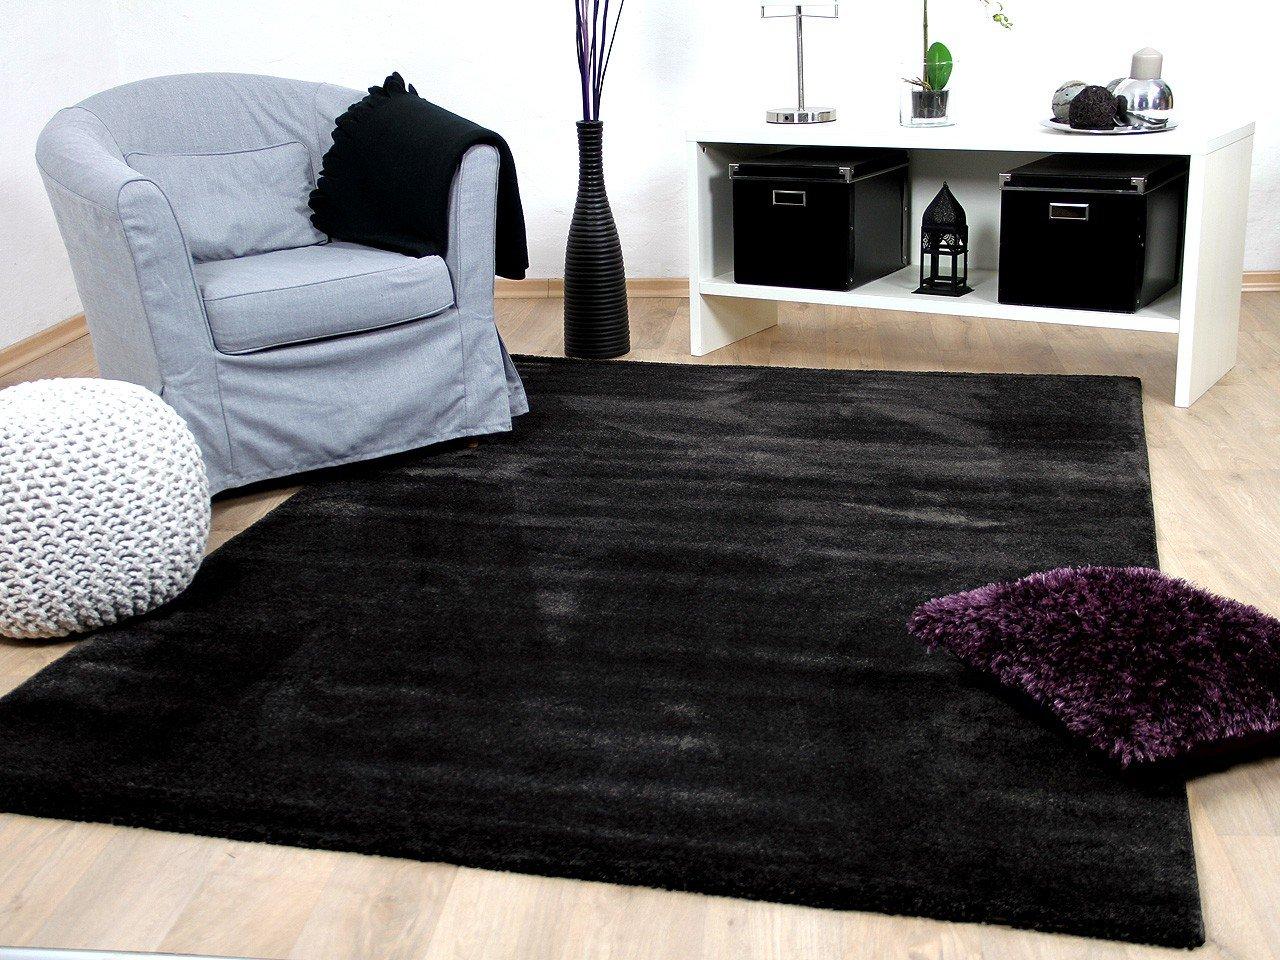 Tapis gris noir pas cher et design pour salon